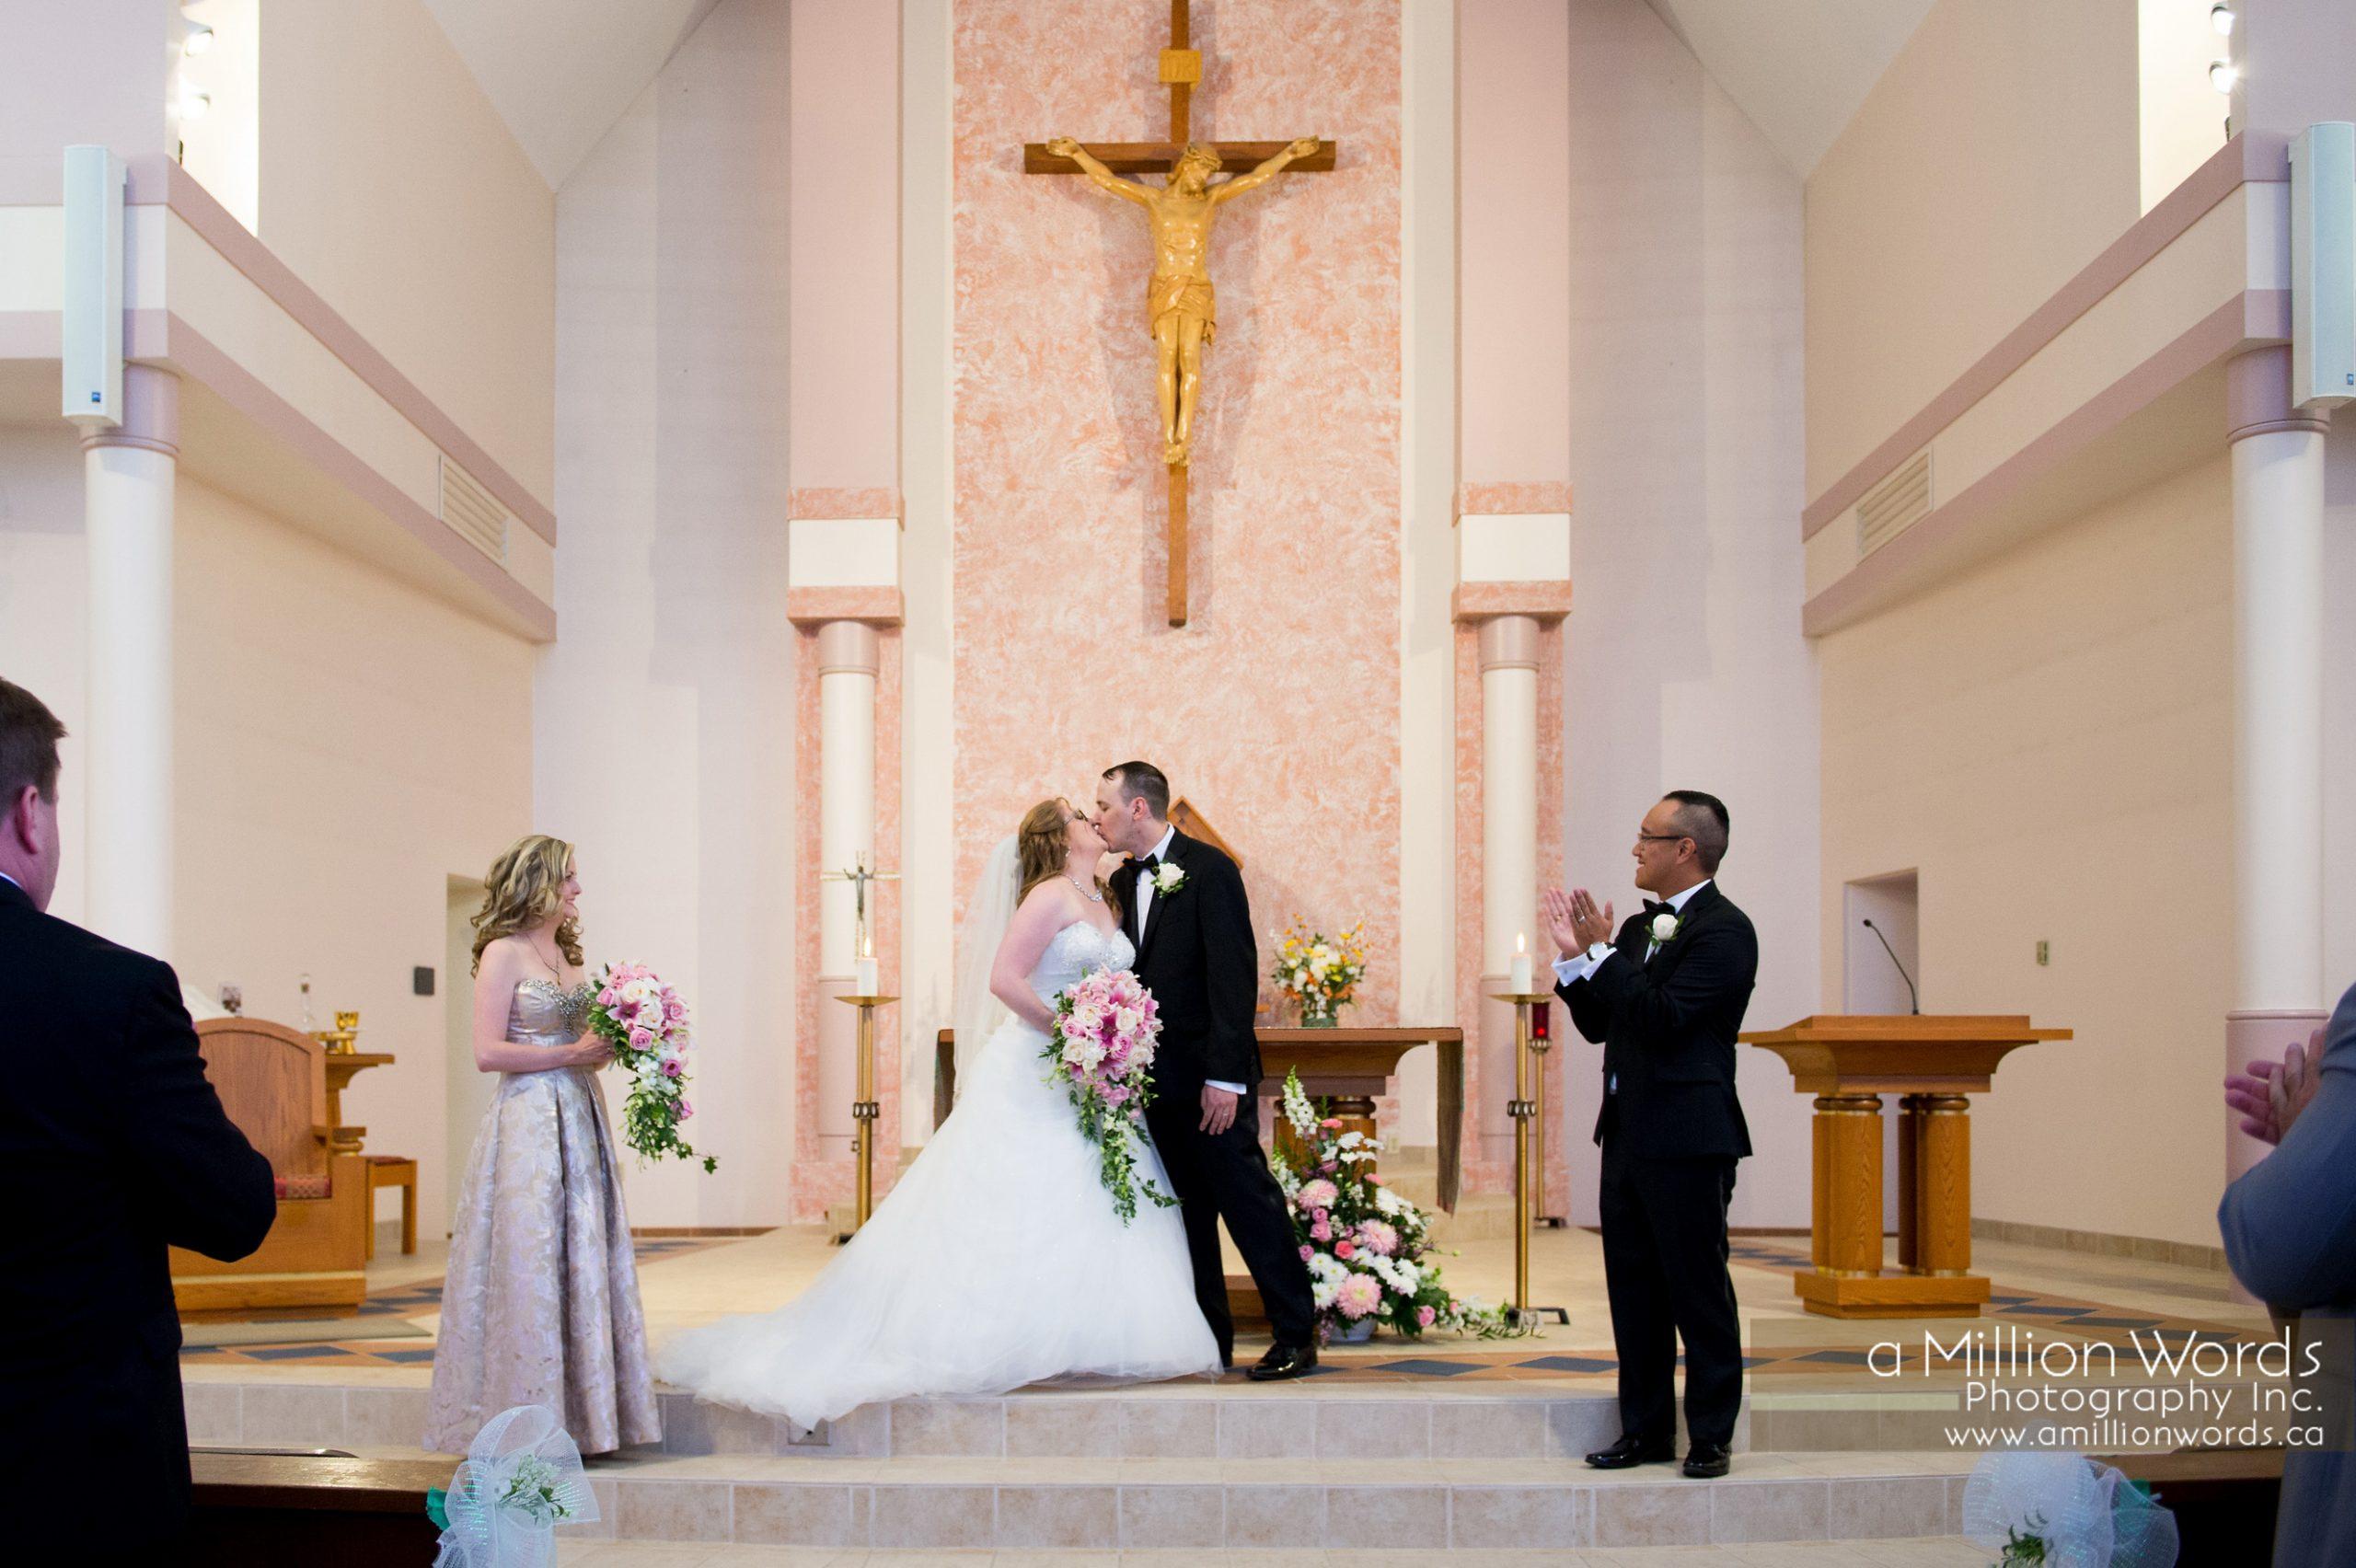 wedding_photography_kw29